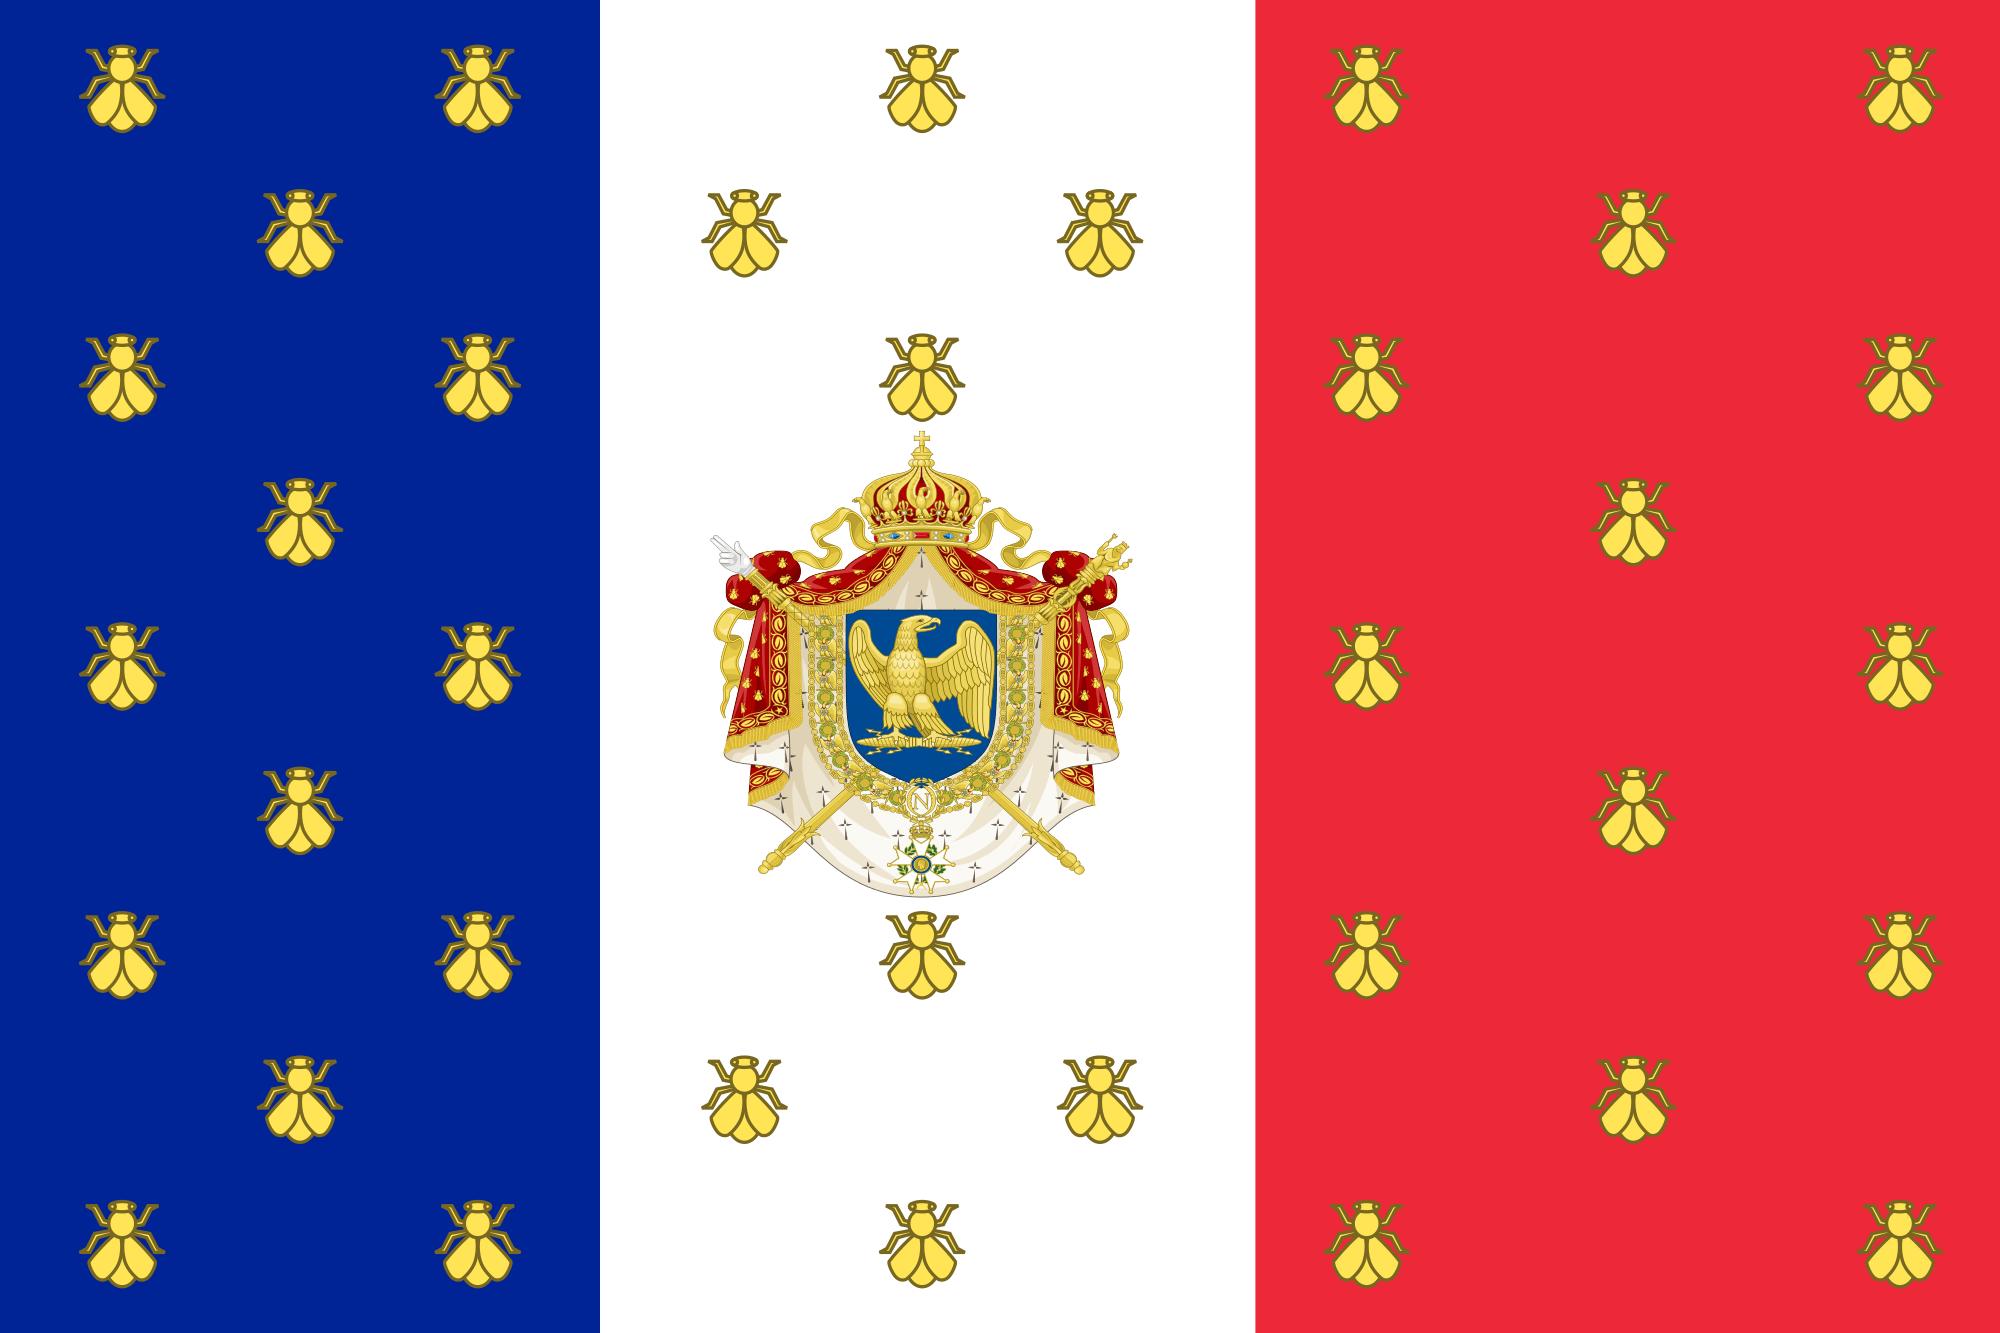 Segundo Imperio Francés (1852 - 1870)